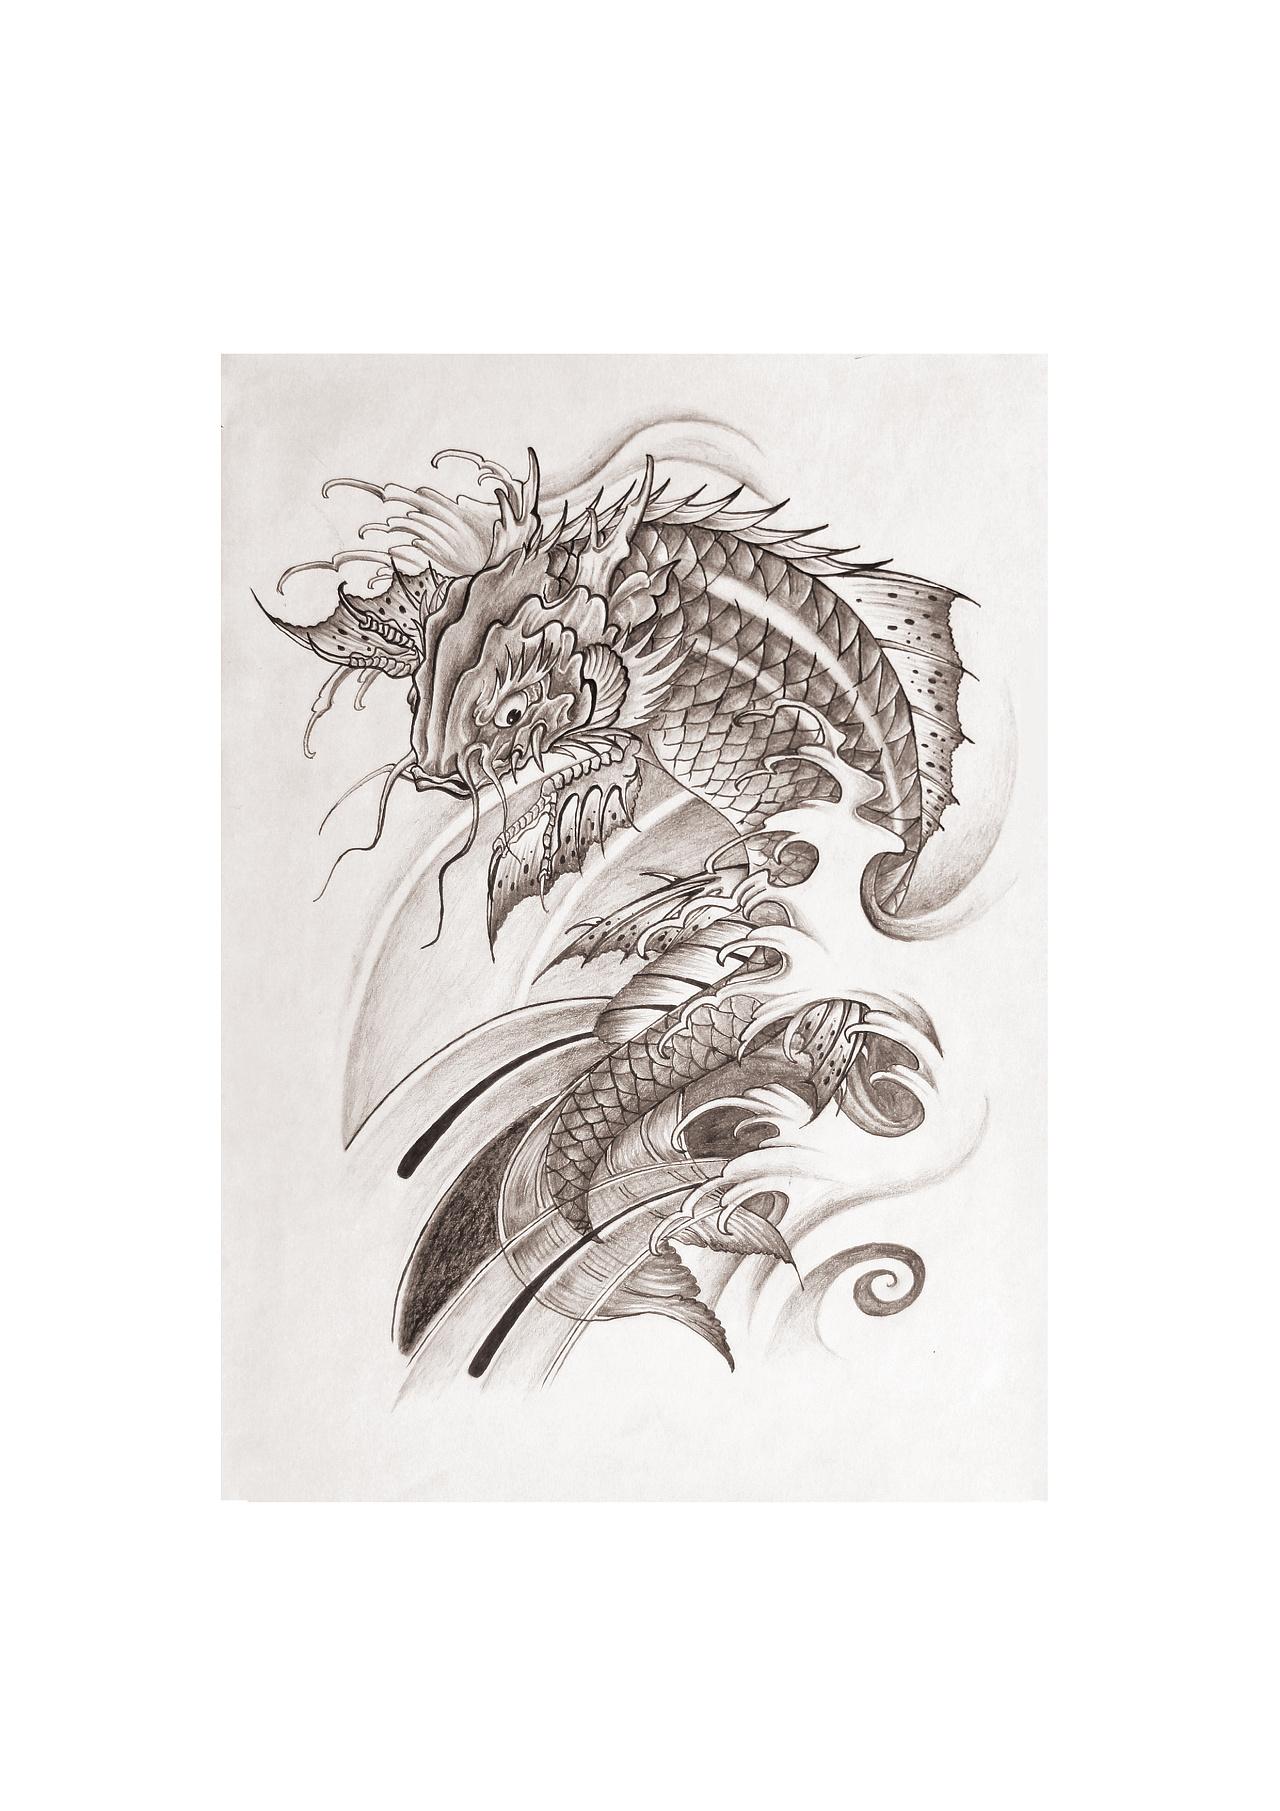 鳌鱼纹身手稿般若图片_鳌鱼纹身手稿般若图片下载